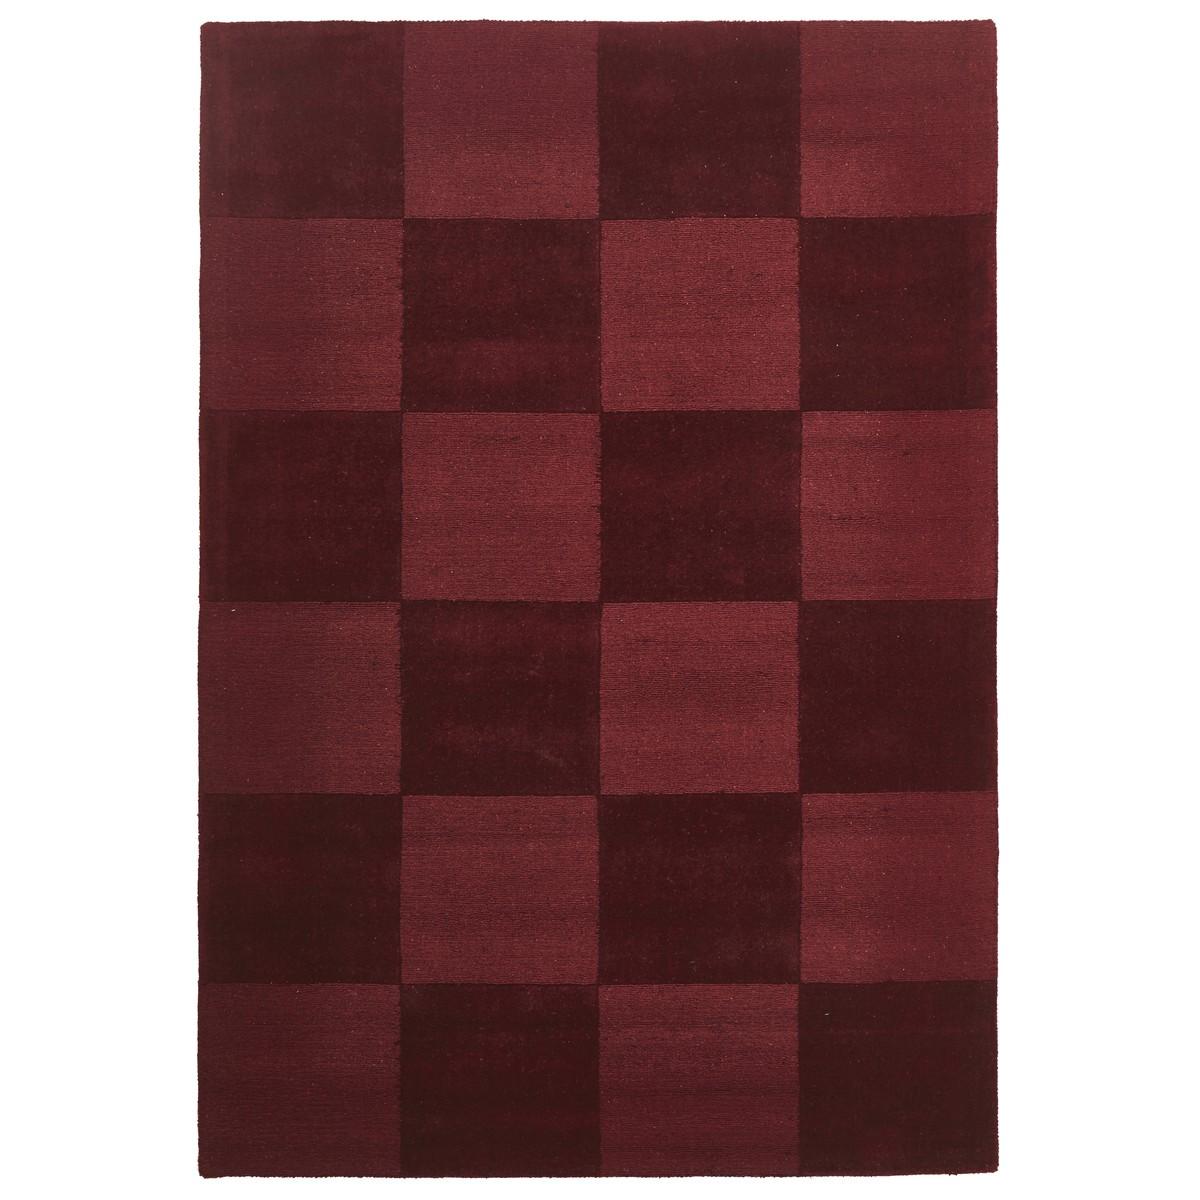 Evangeline Hand Loomed Modern Wool Rug, 165x115cm, Red